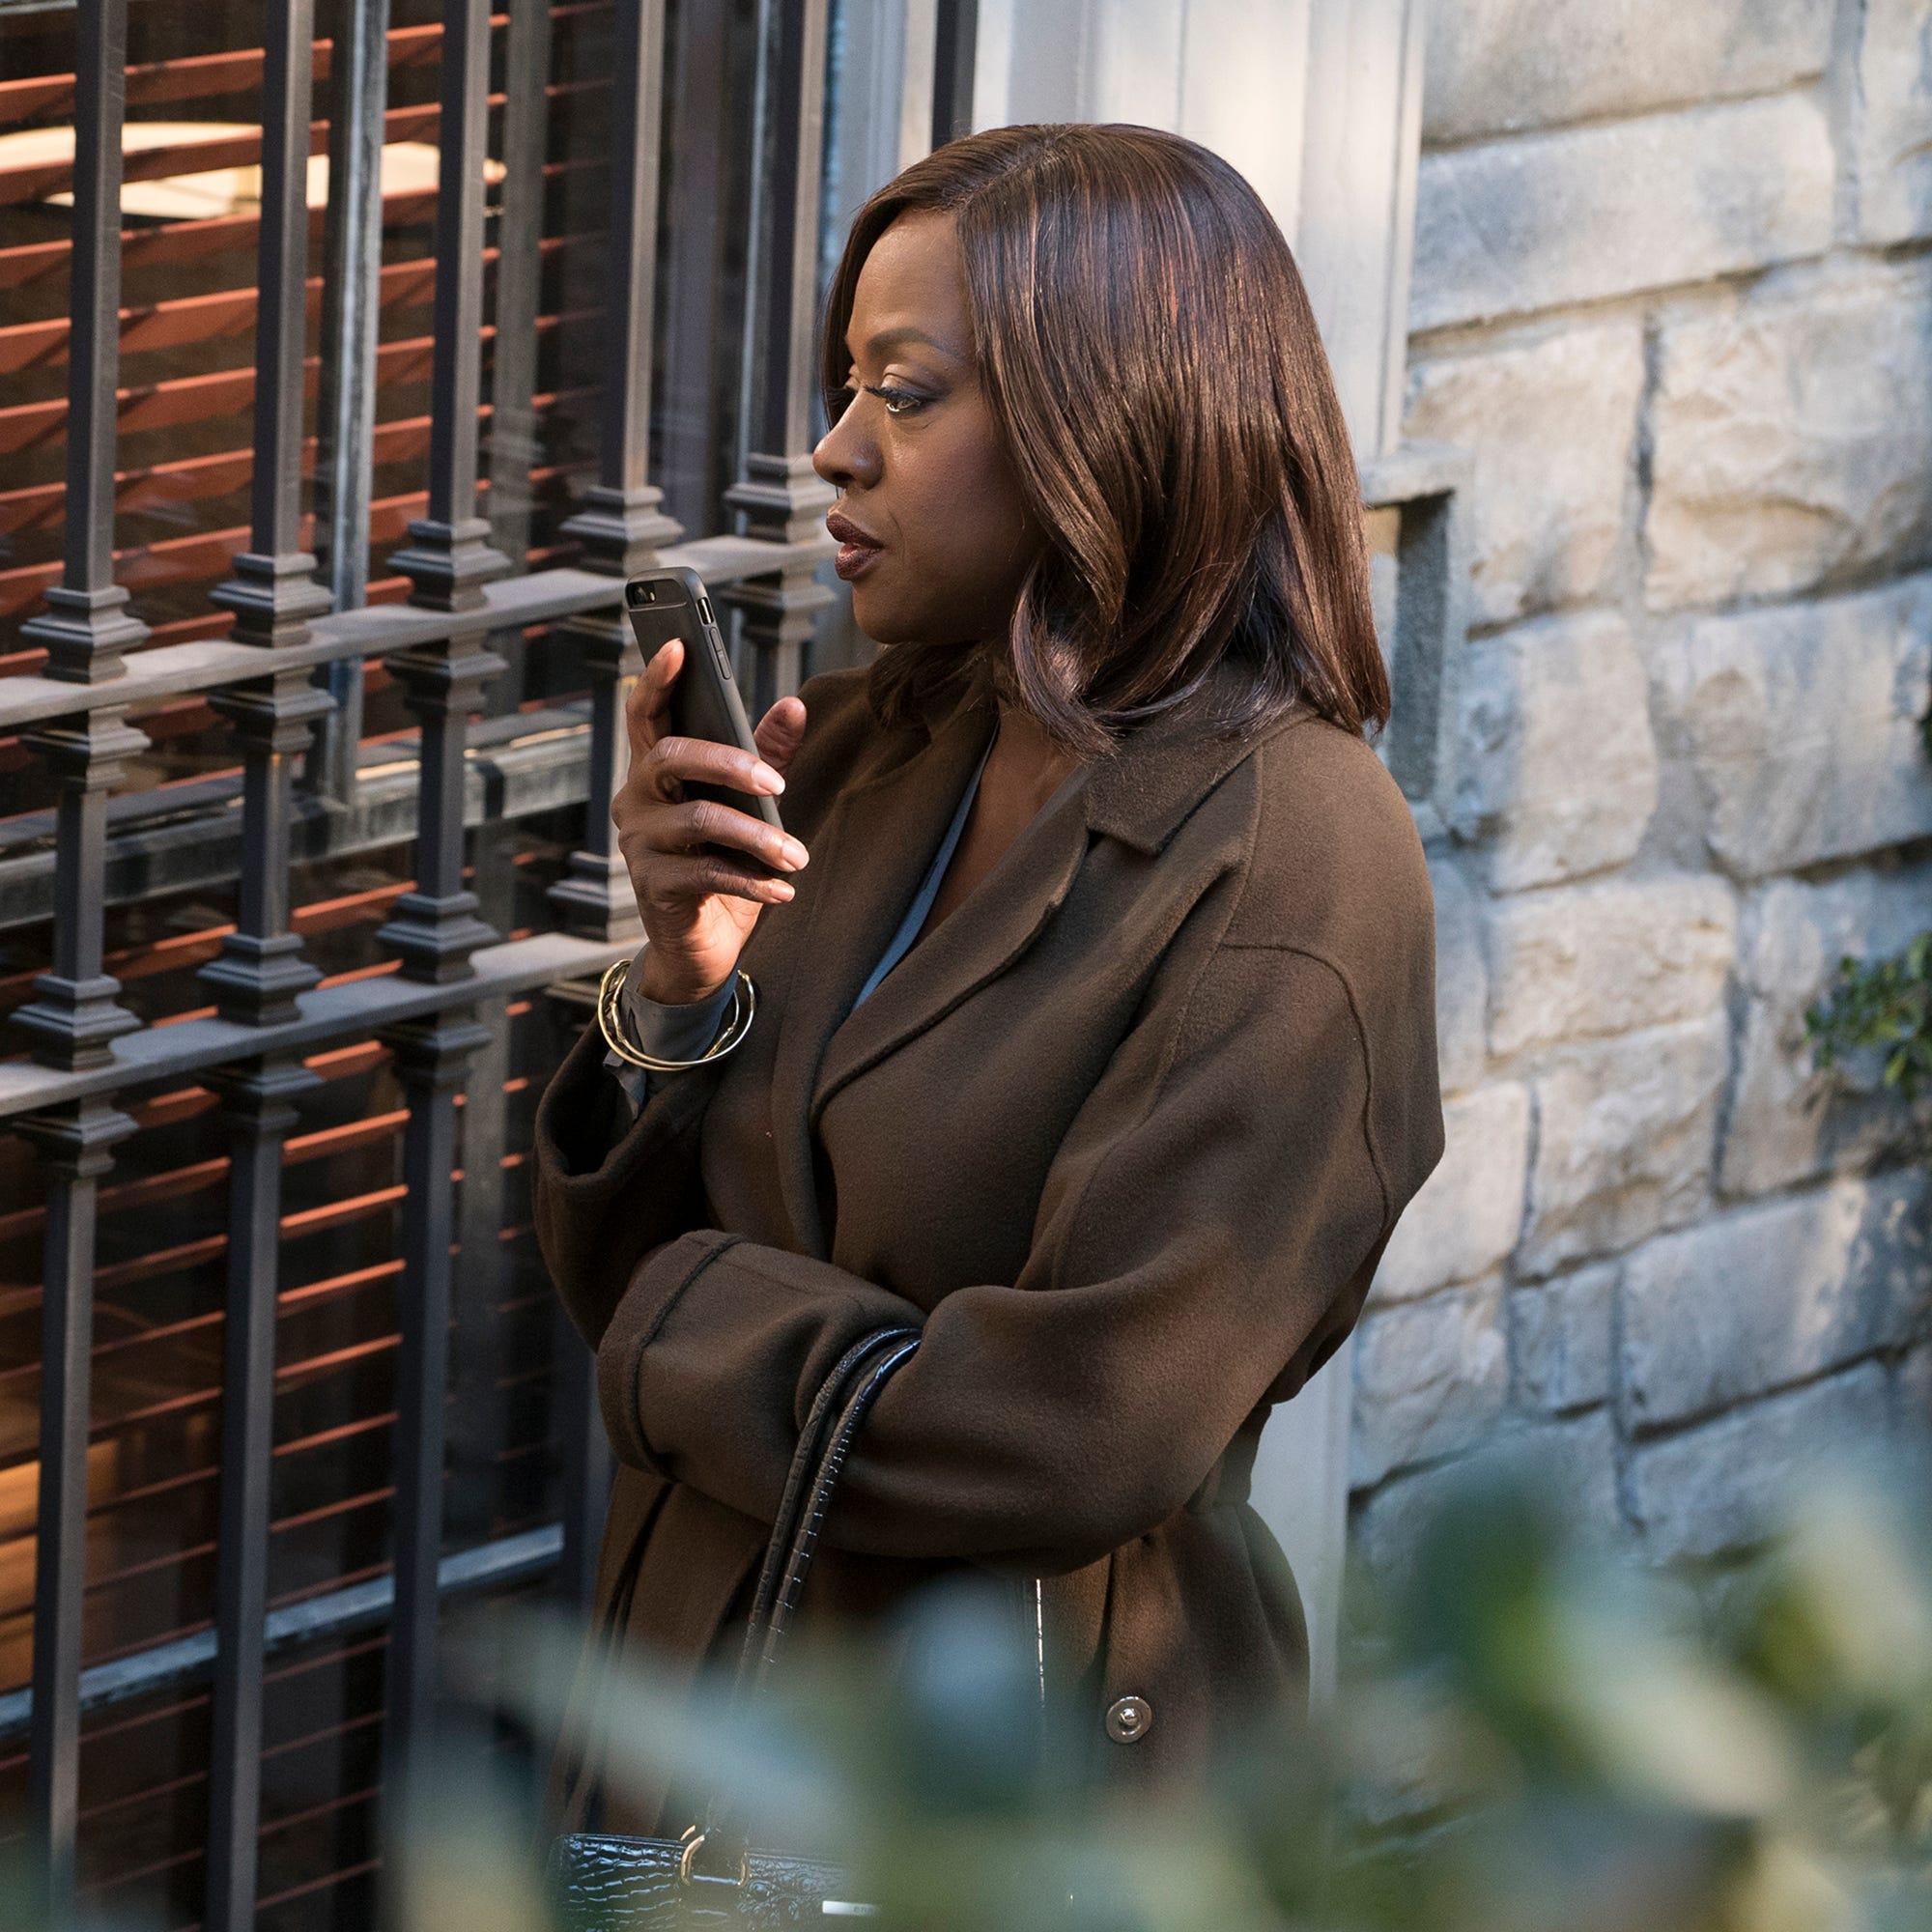 HTGAWM Season 4 Episode 12 Recap Ask Him About Stella